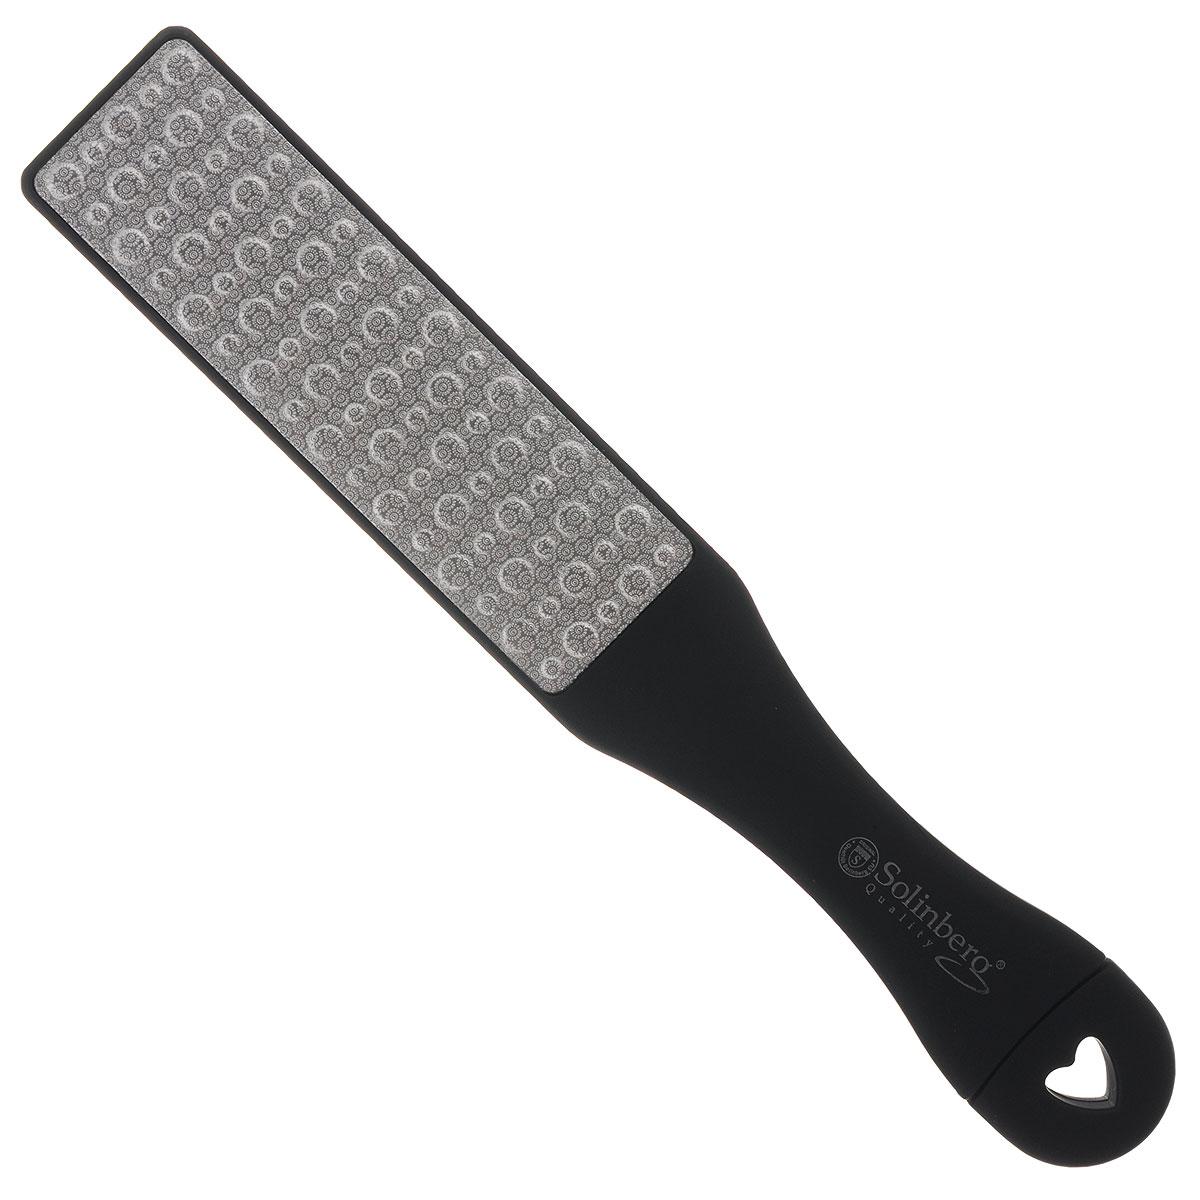 Solinberg Терка для обработки мозолей и огрубевшей кожи ног GD-4800, двусторонняя261-4800Двусторонняя терка для ног Solinberg с лазерной перфорацией, с удобной пластиковой ручкой предназначена для сухого педикюра. Одна сторона - терка (с массажным эффектом), другая сторона - шлифовка. Специальные покрытия разной абразивности обеспечат бережный уход за вашими ногами. Способ применения: распарьте ступни ног и равномерными движениями удалите загрубевшую кожу. Пилочкой в ручке терки, при необходимости, обработайте ногти. После процедуры смажьте ступни смягчающим кремом. Товар сертифицирован.